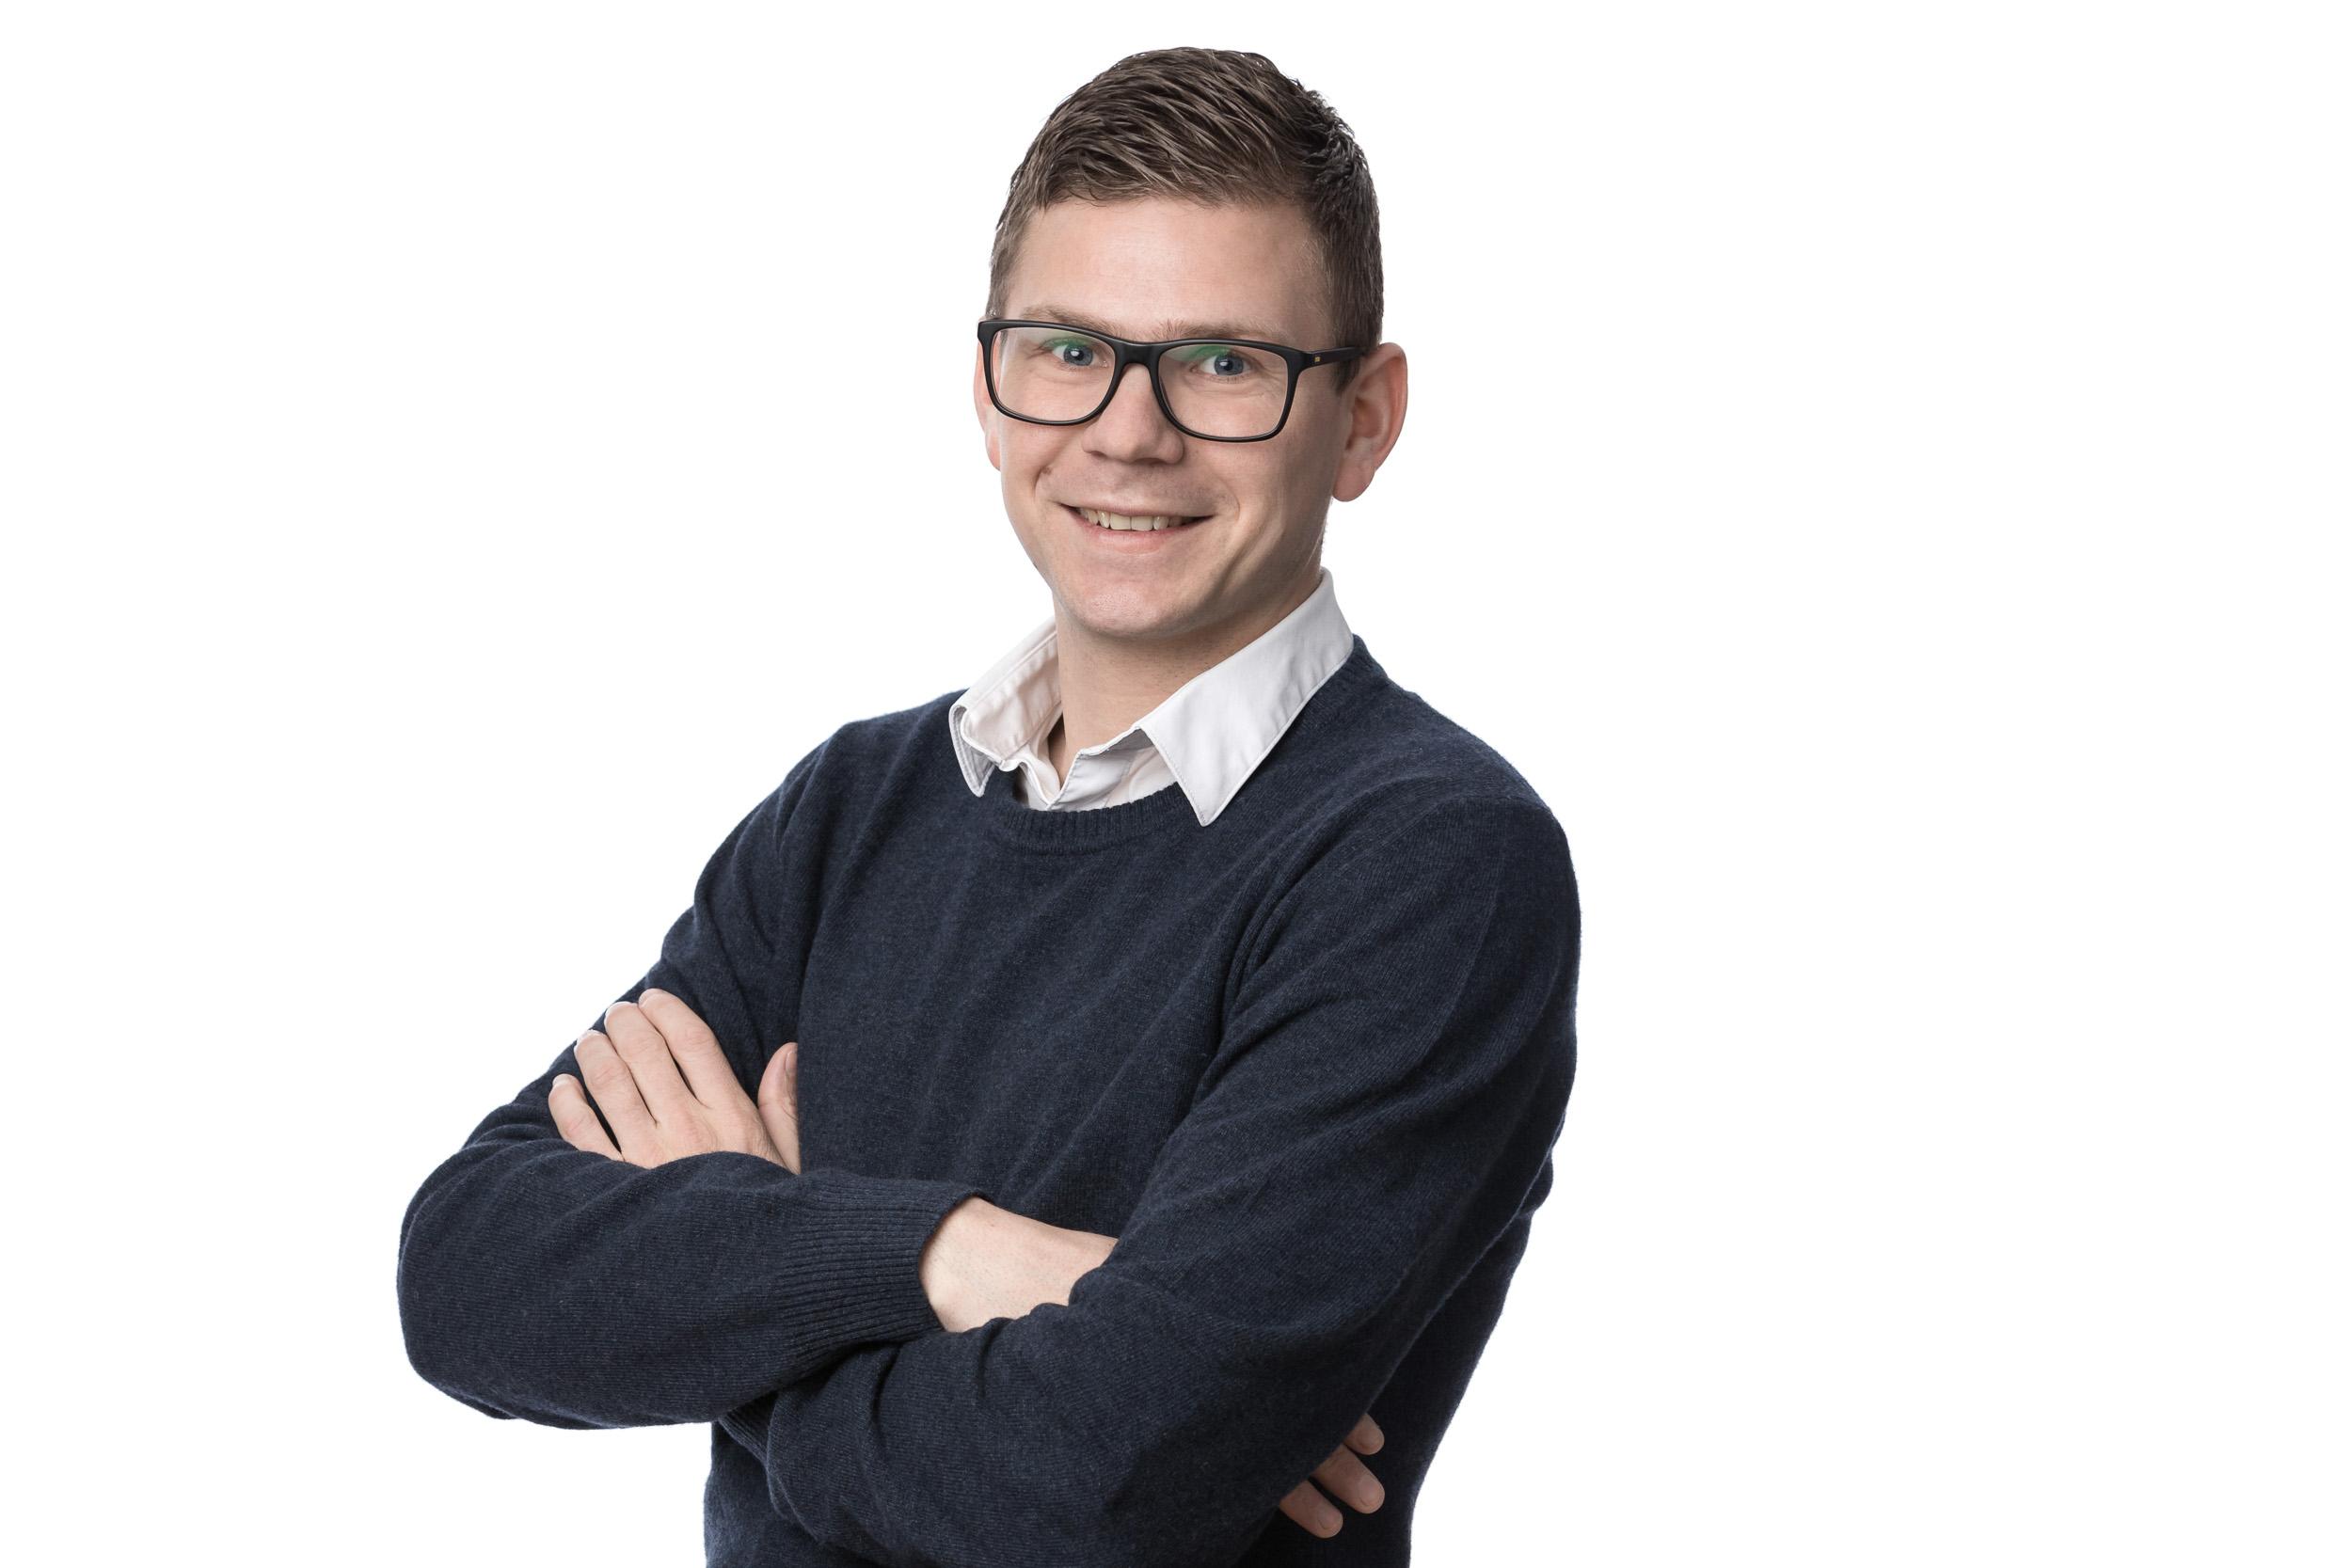 Dimitri Hooftman